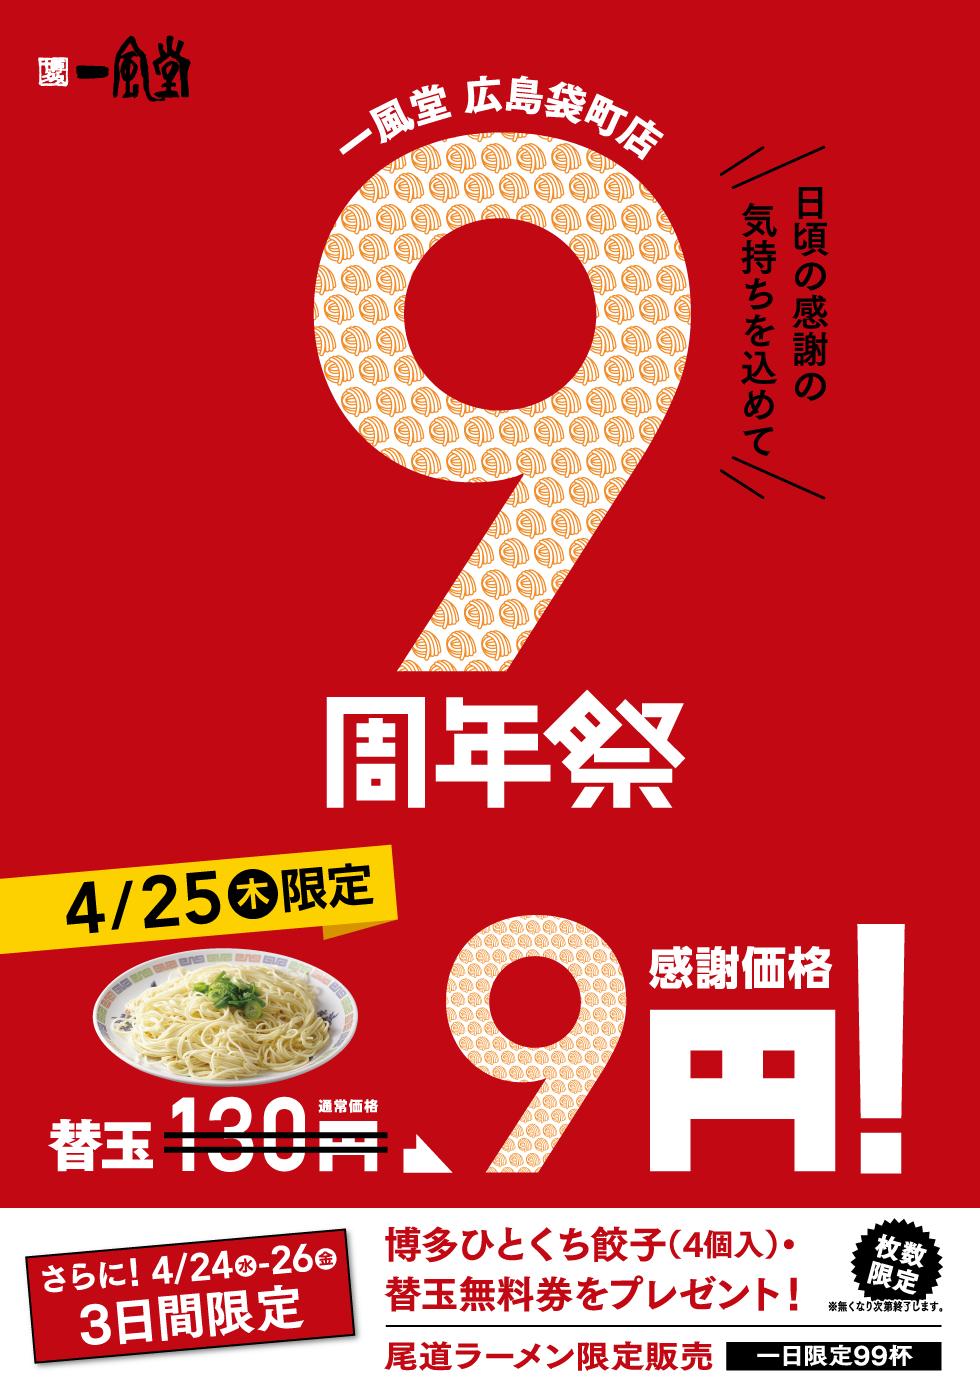 190417_広島袋町店_9周年_130円修正